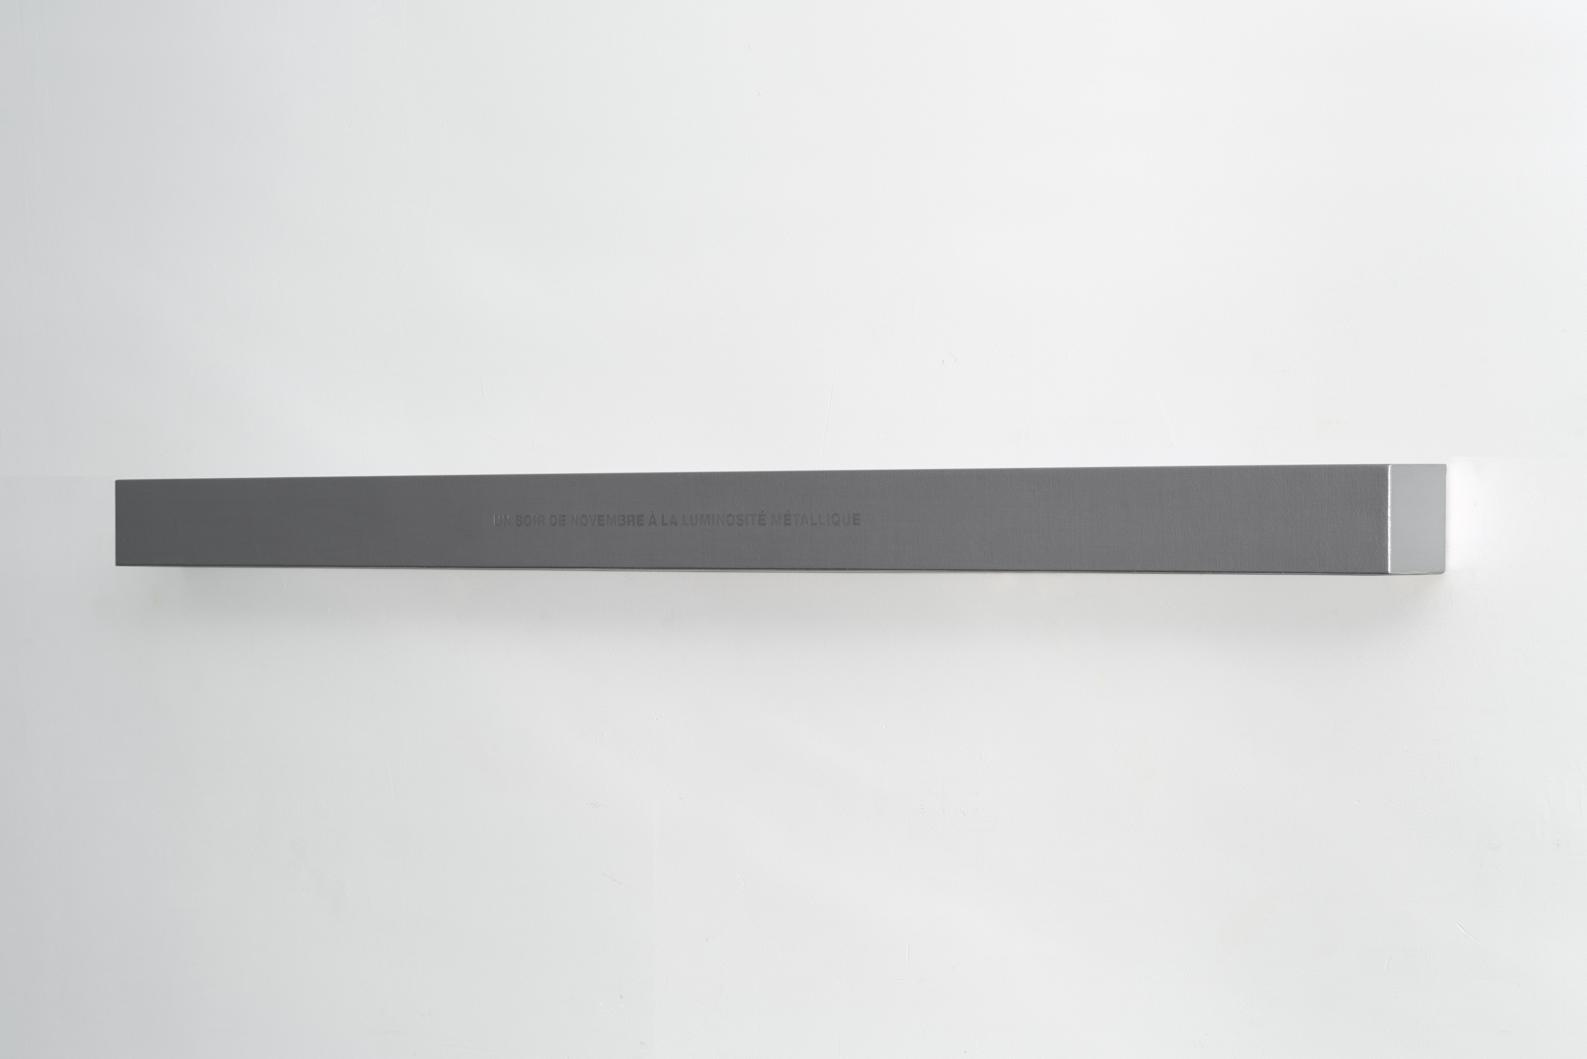 Francine Savard, Lumière d'un soir, 2018, Médiums mixtes sur toile marouflée sur caisson de bois, 10,16 × 177,8 × 10,16 cm / 4 x 70 x 4 pouces